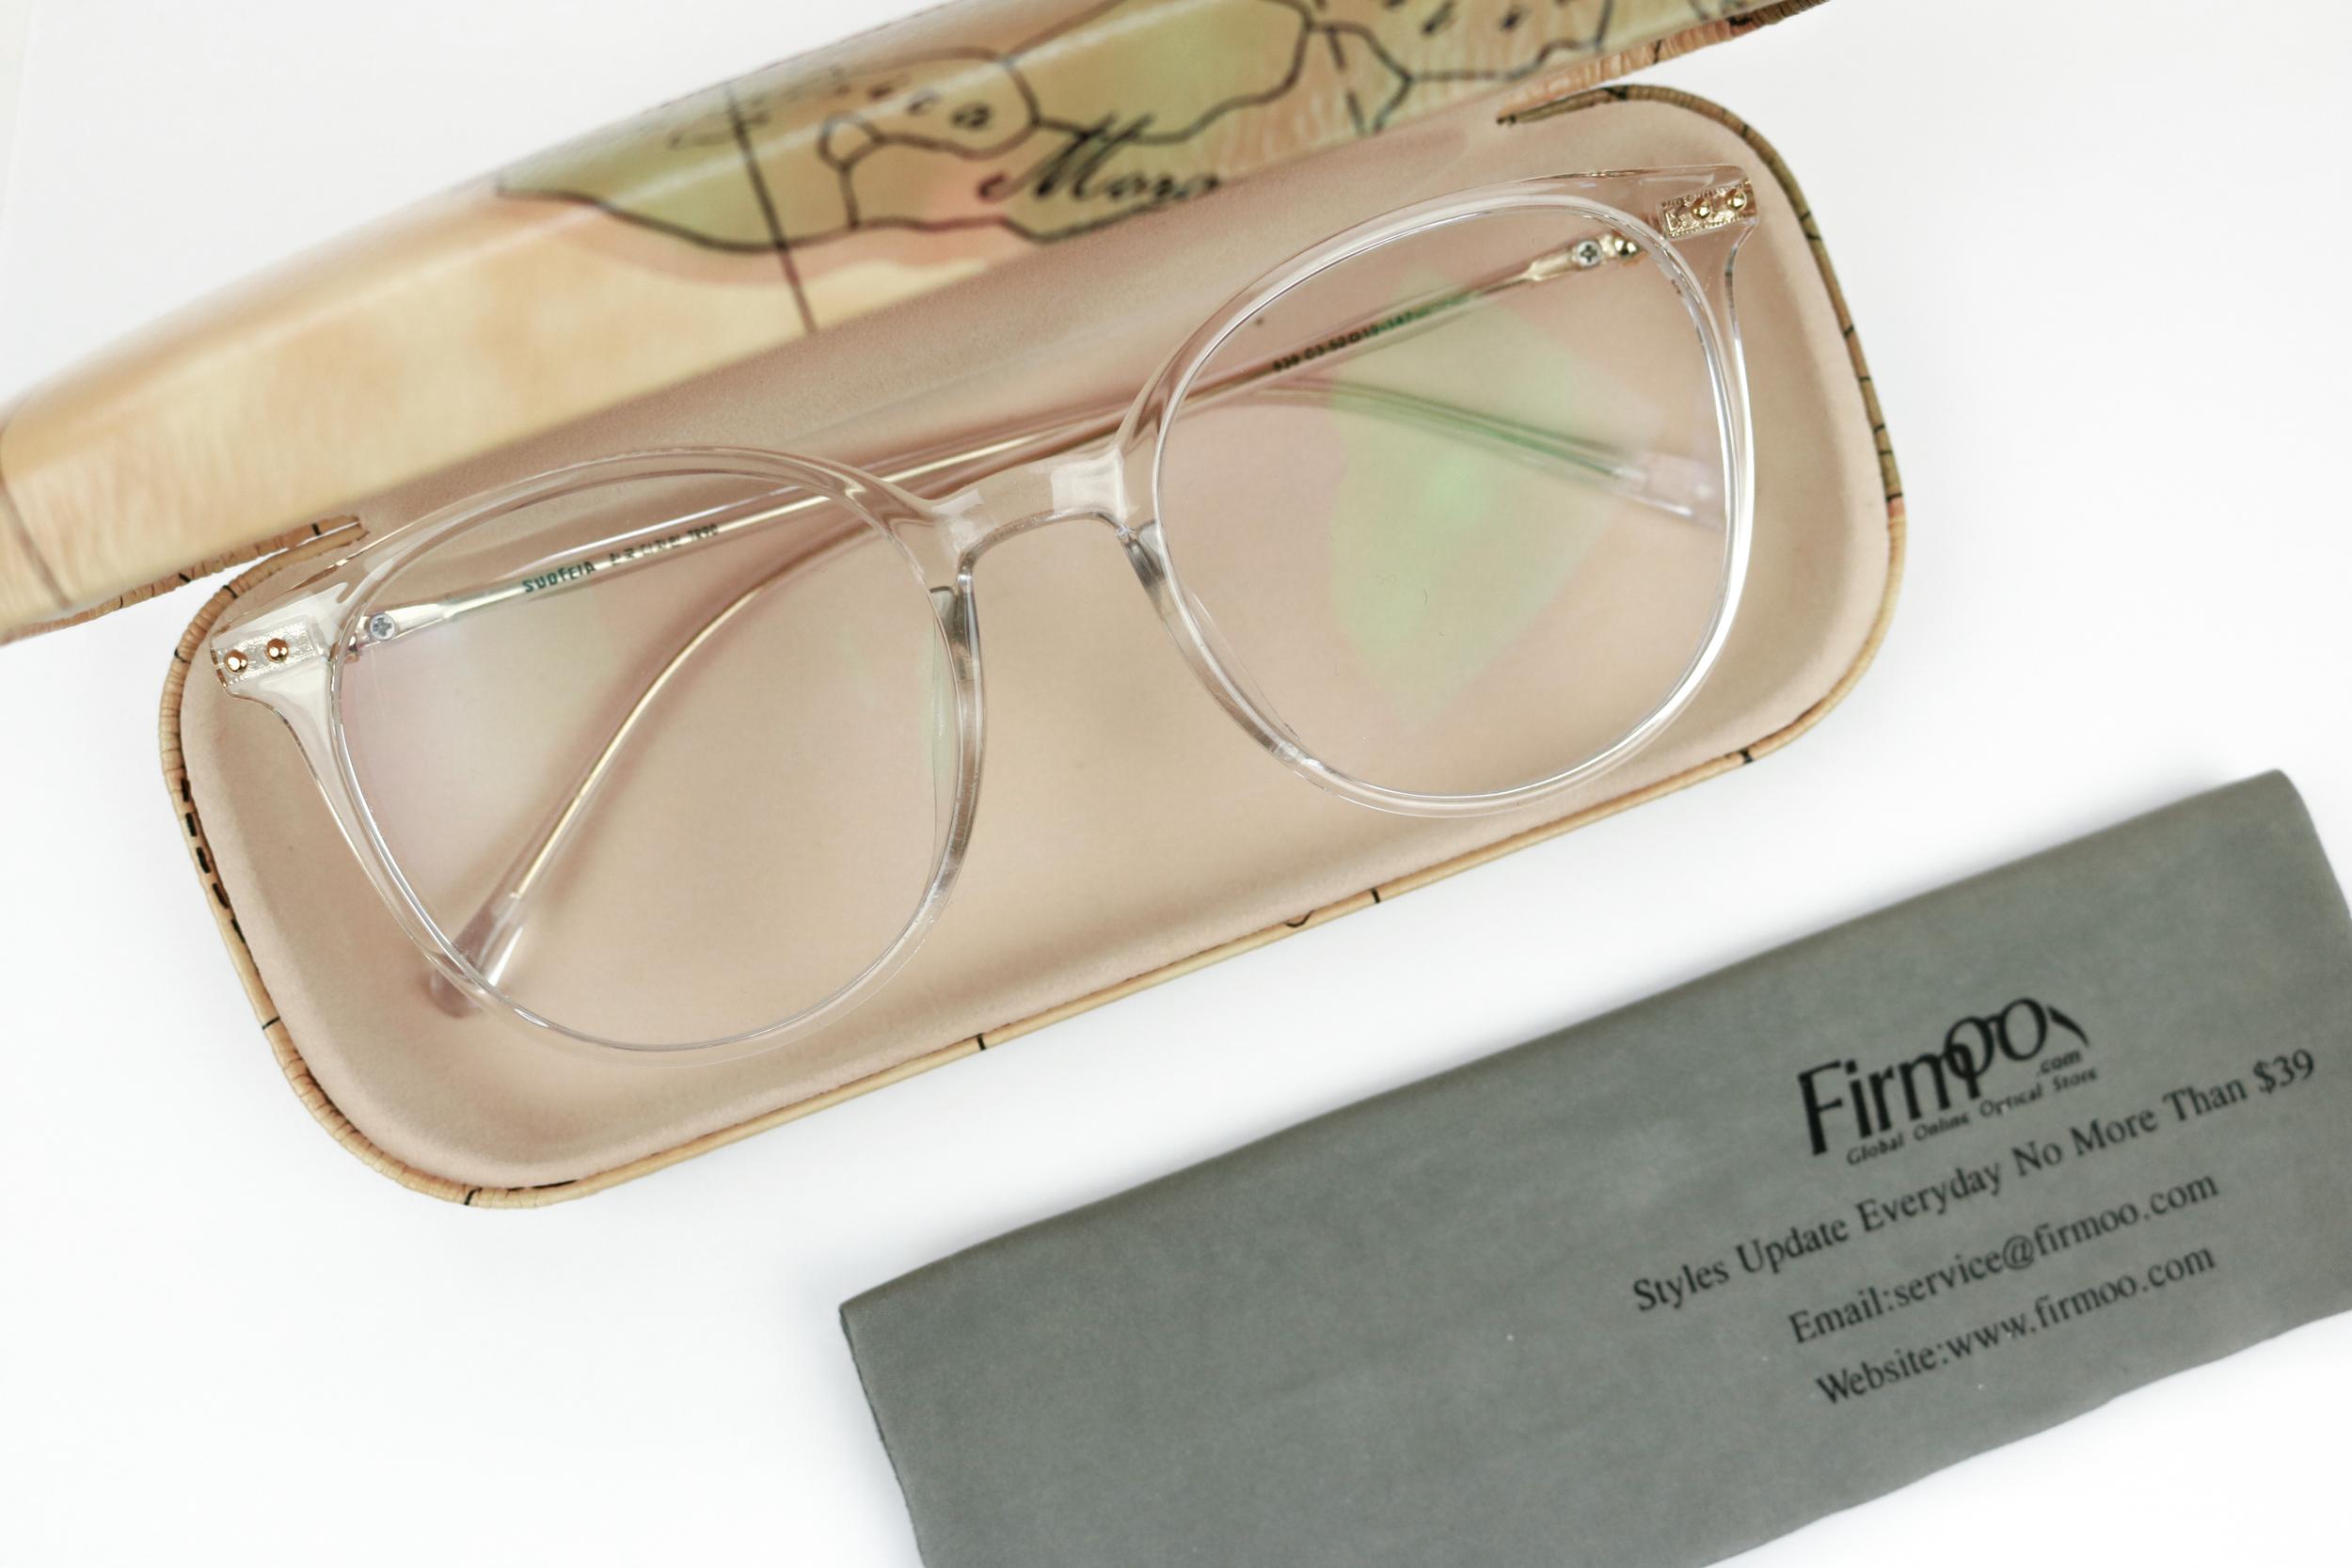 Firmoo-Blue-Light-Computer-Glasses-Queen-Shirin.png